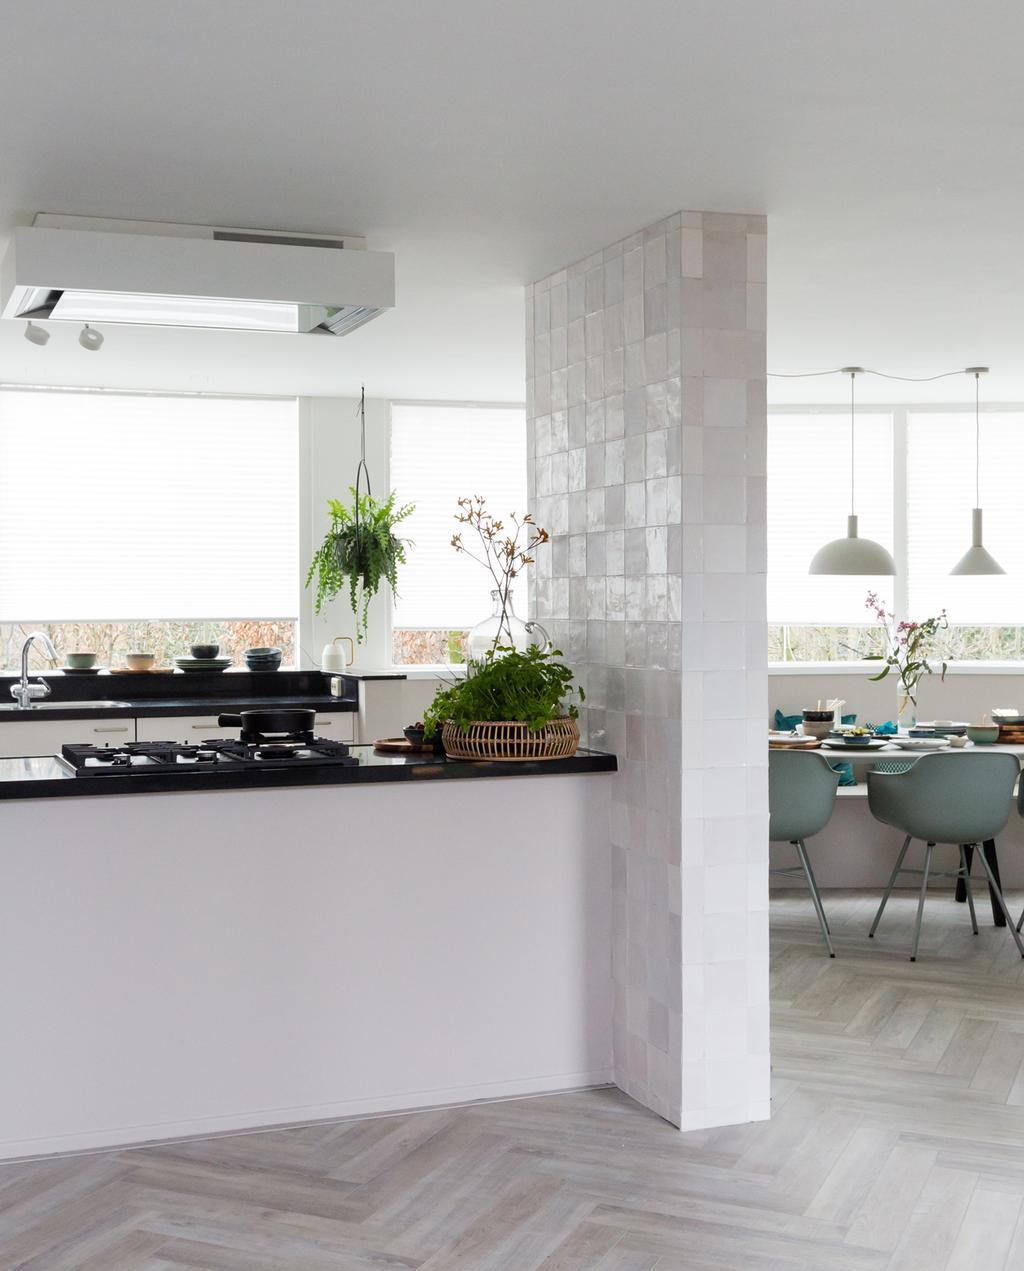 vtwonen weer verliefd op je huis | seizoen 12 aflevering 1 | Frans in Den Bosch keuken